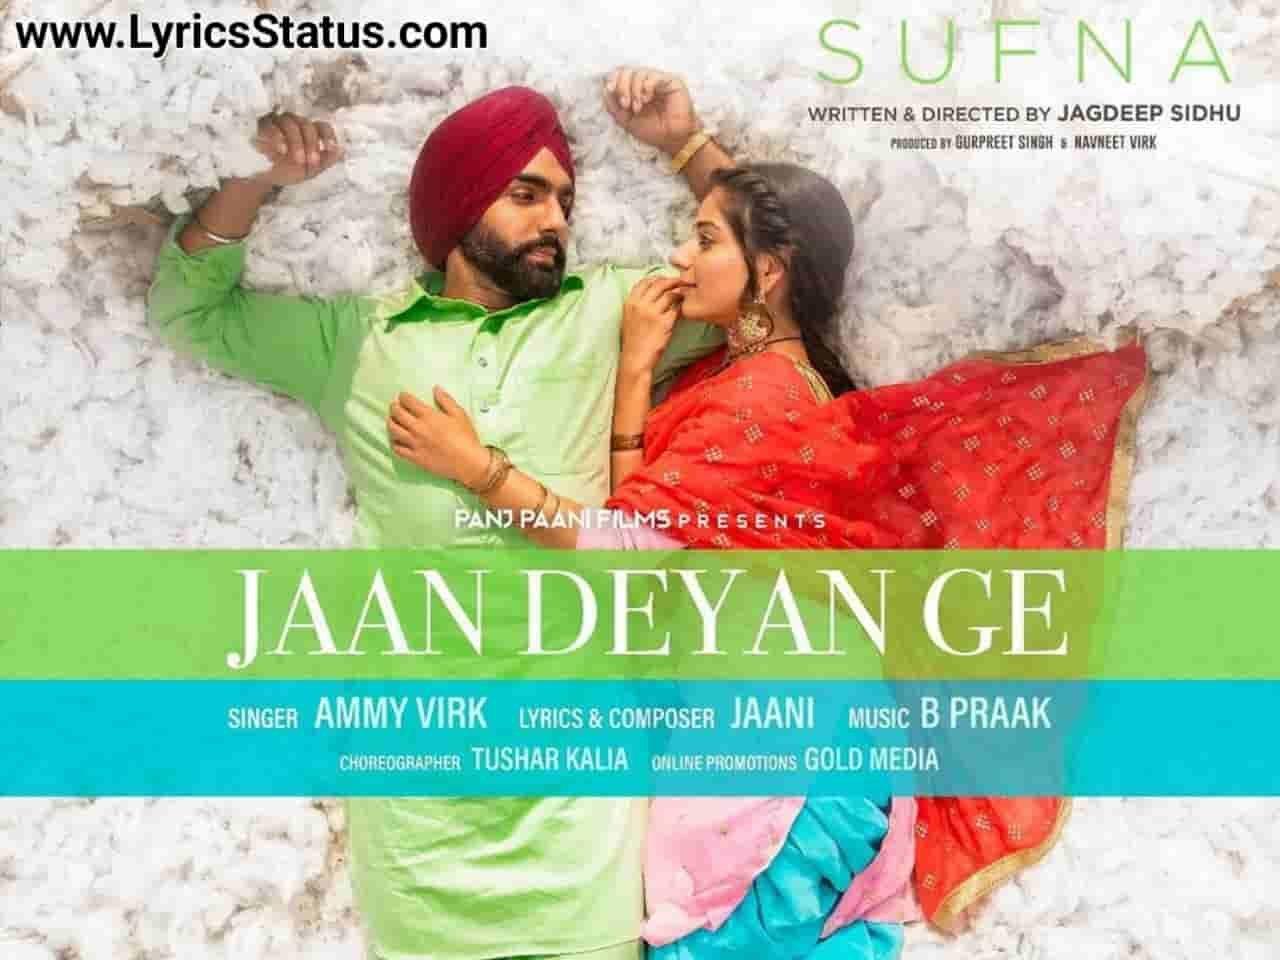 Ammy Virk new song Jaan Deyan Ge Lyrics Status Download Video Latest punjabi song Duniya ne tenu kujh vi ni dena Asi tenu apni jaan deyan ge